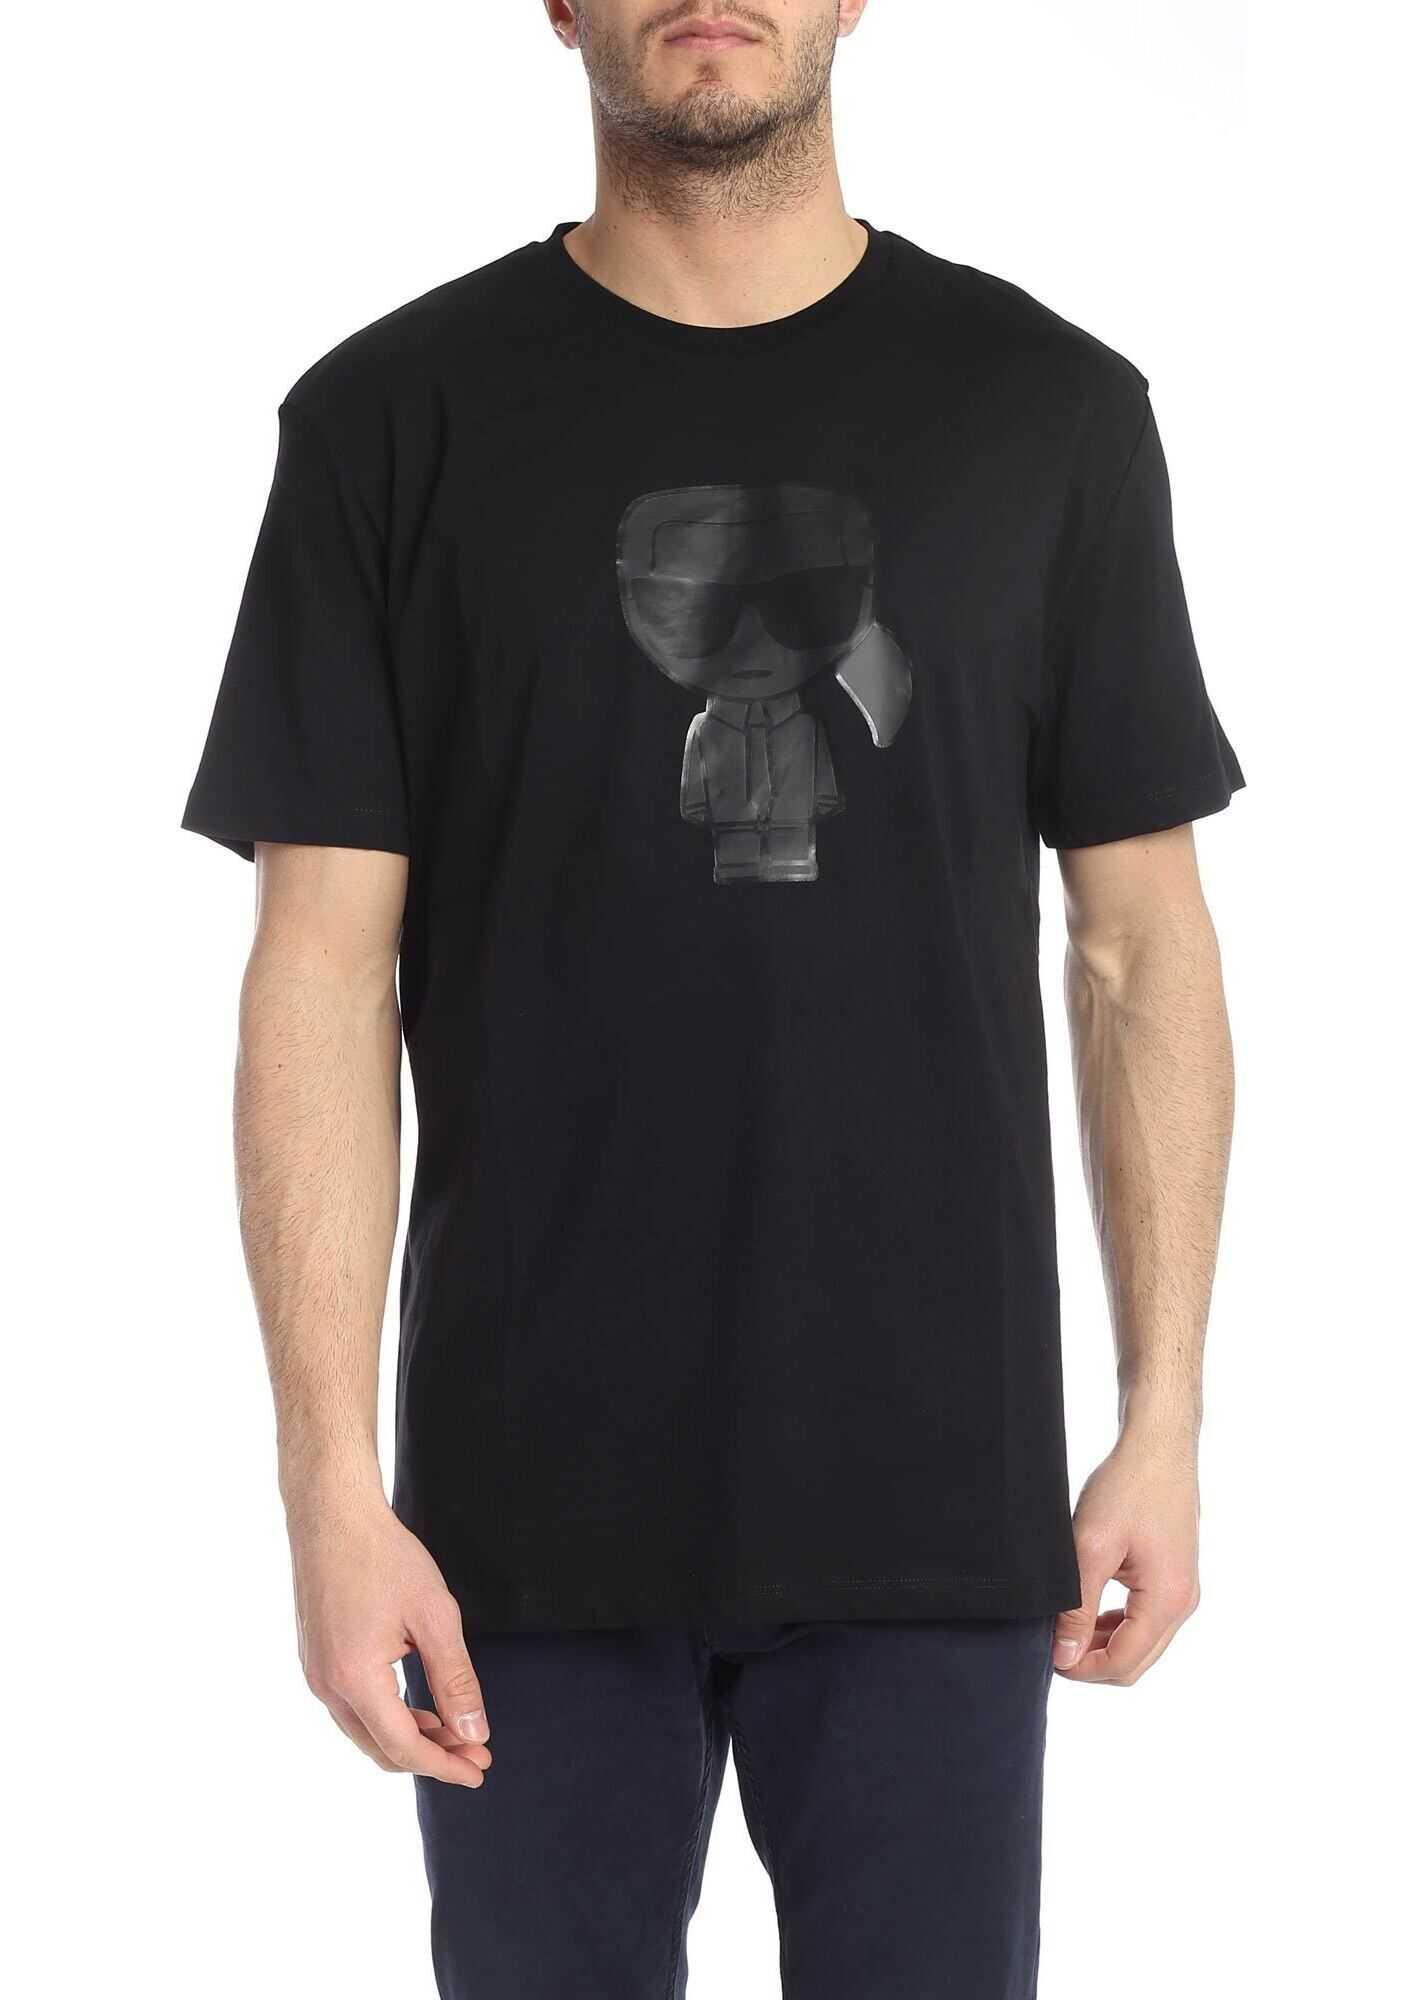 K Ikonik Black T-Shirt